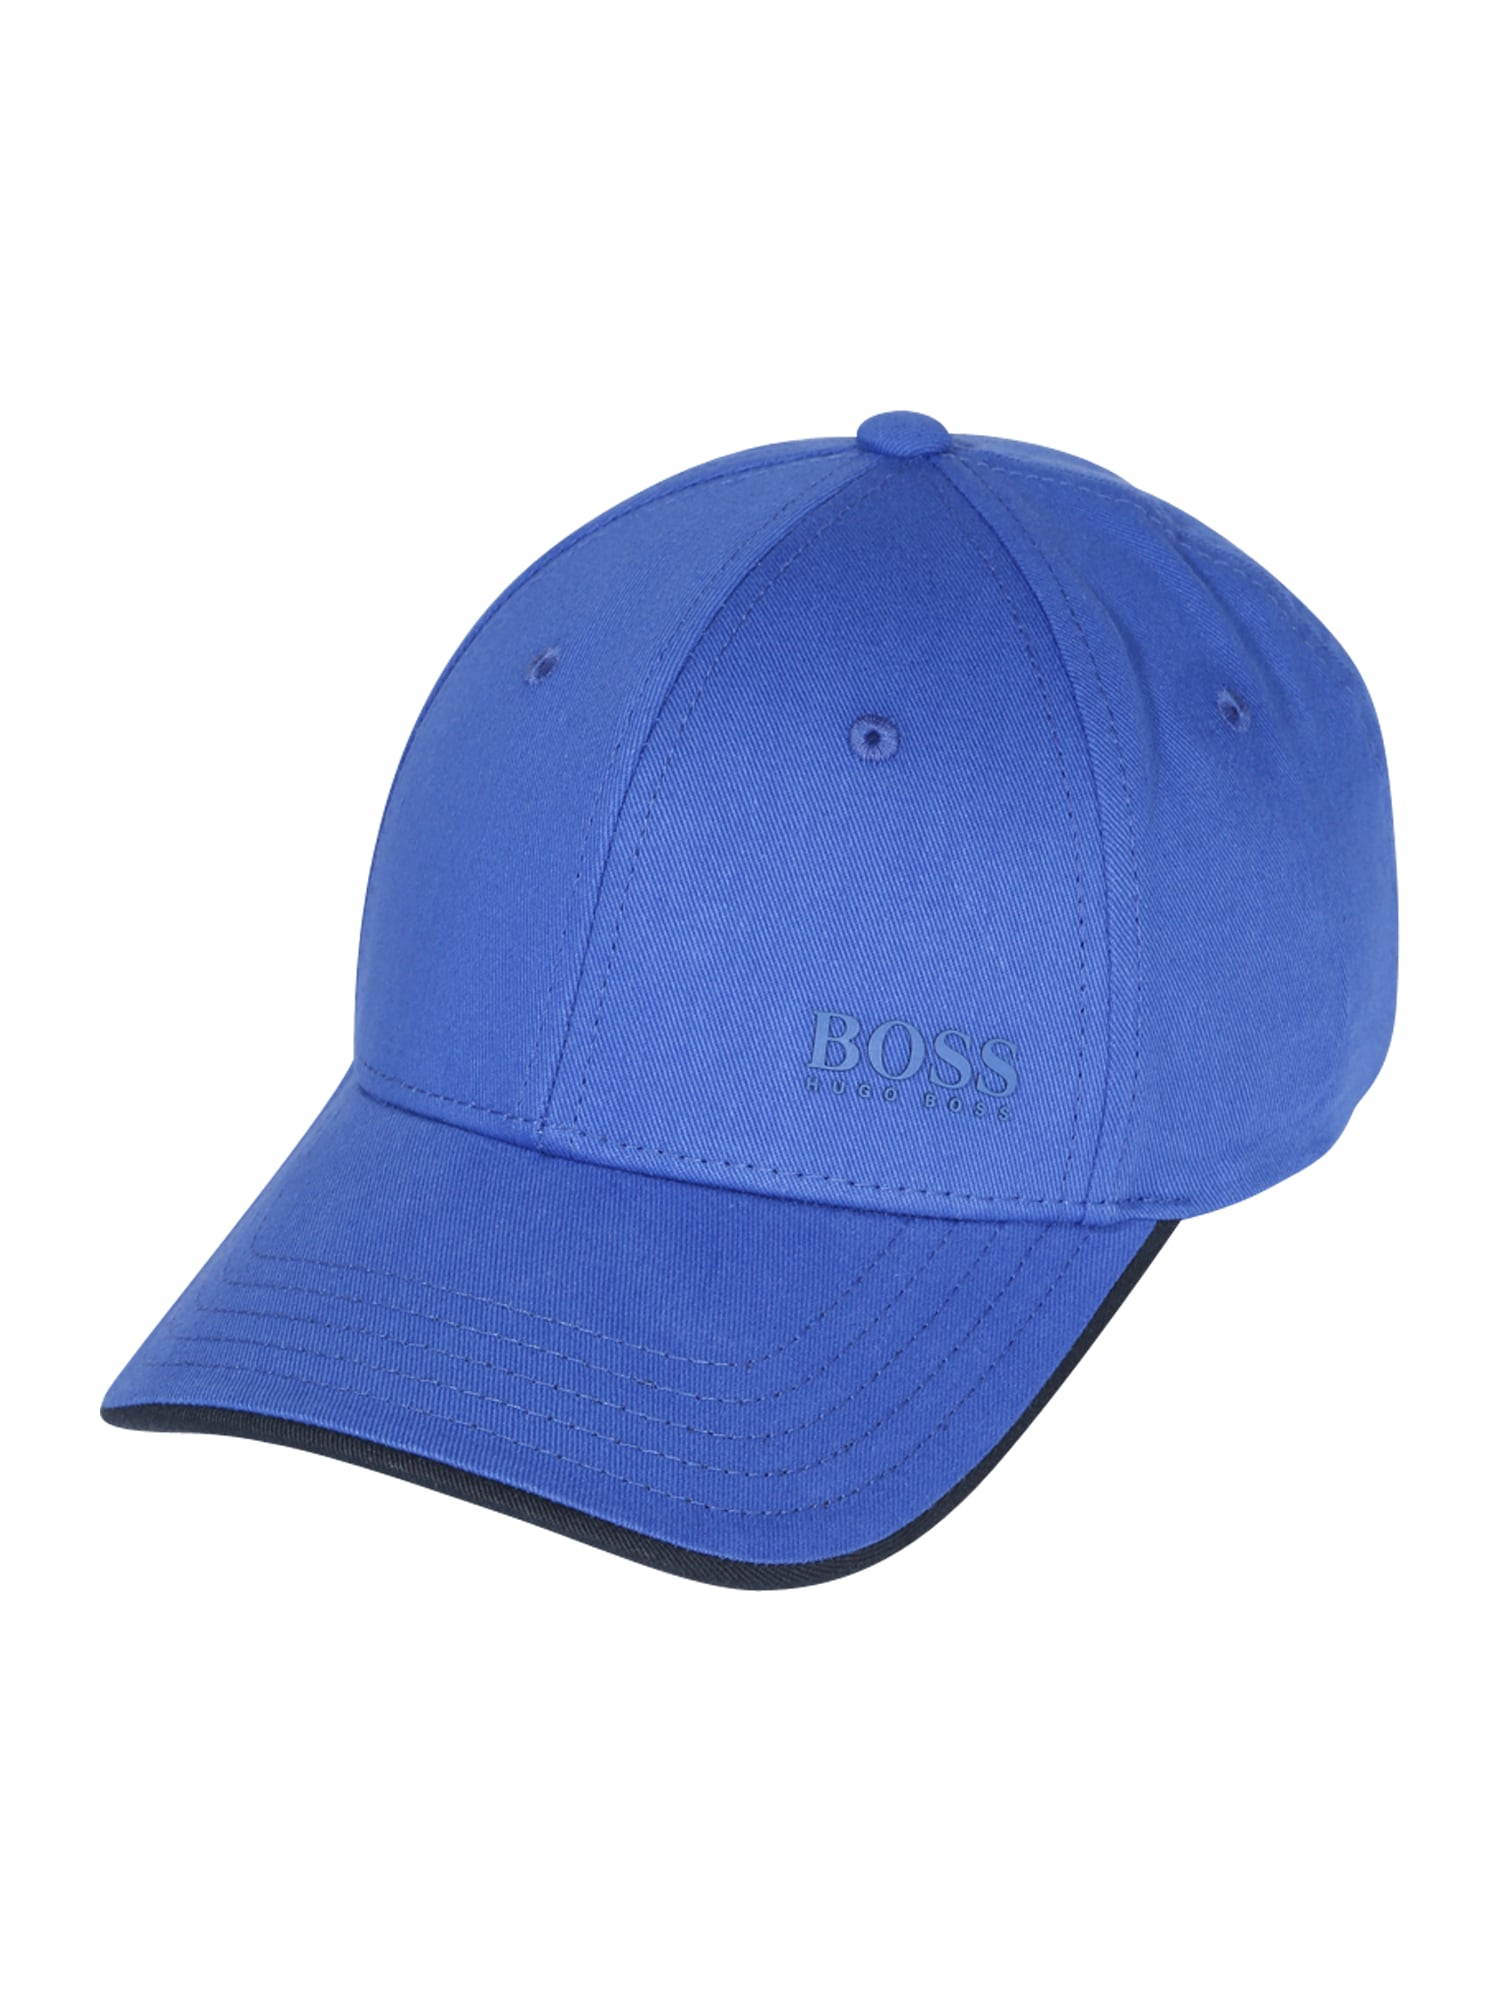 """BOSS Kepurė sodri mėlyna (""""karališka"""")"""